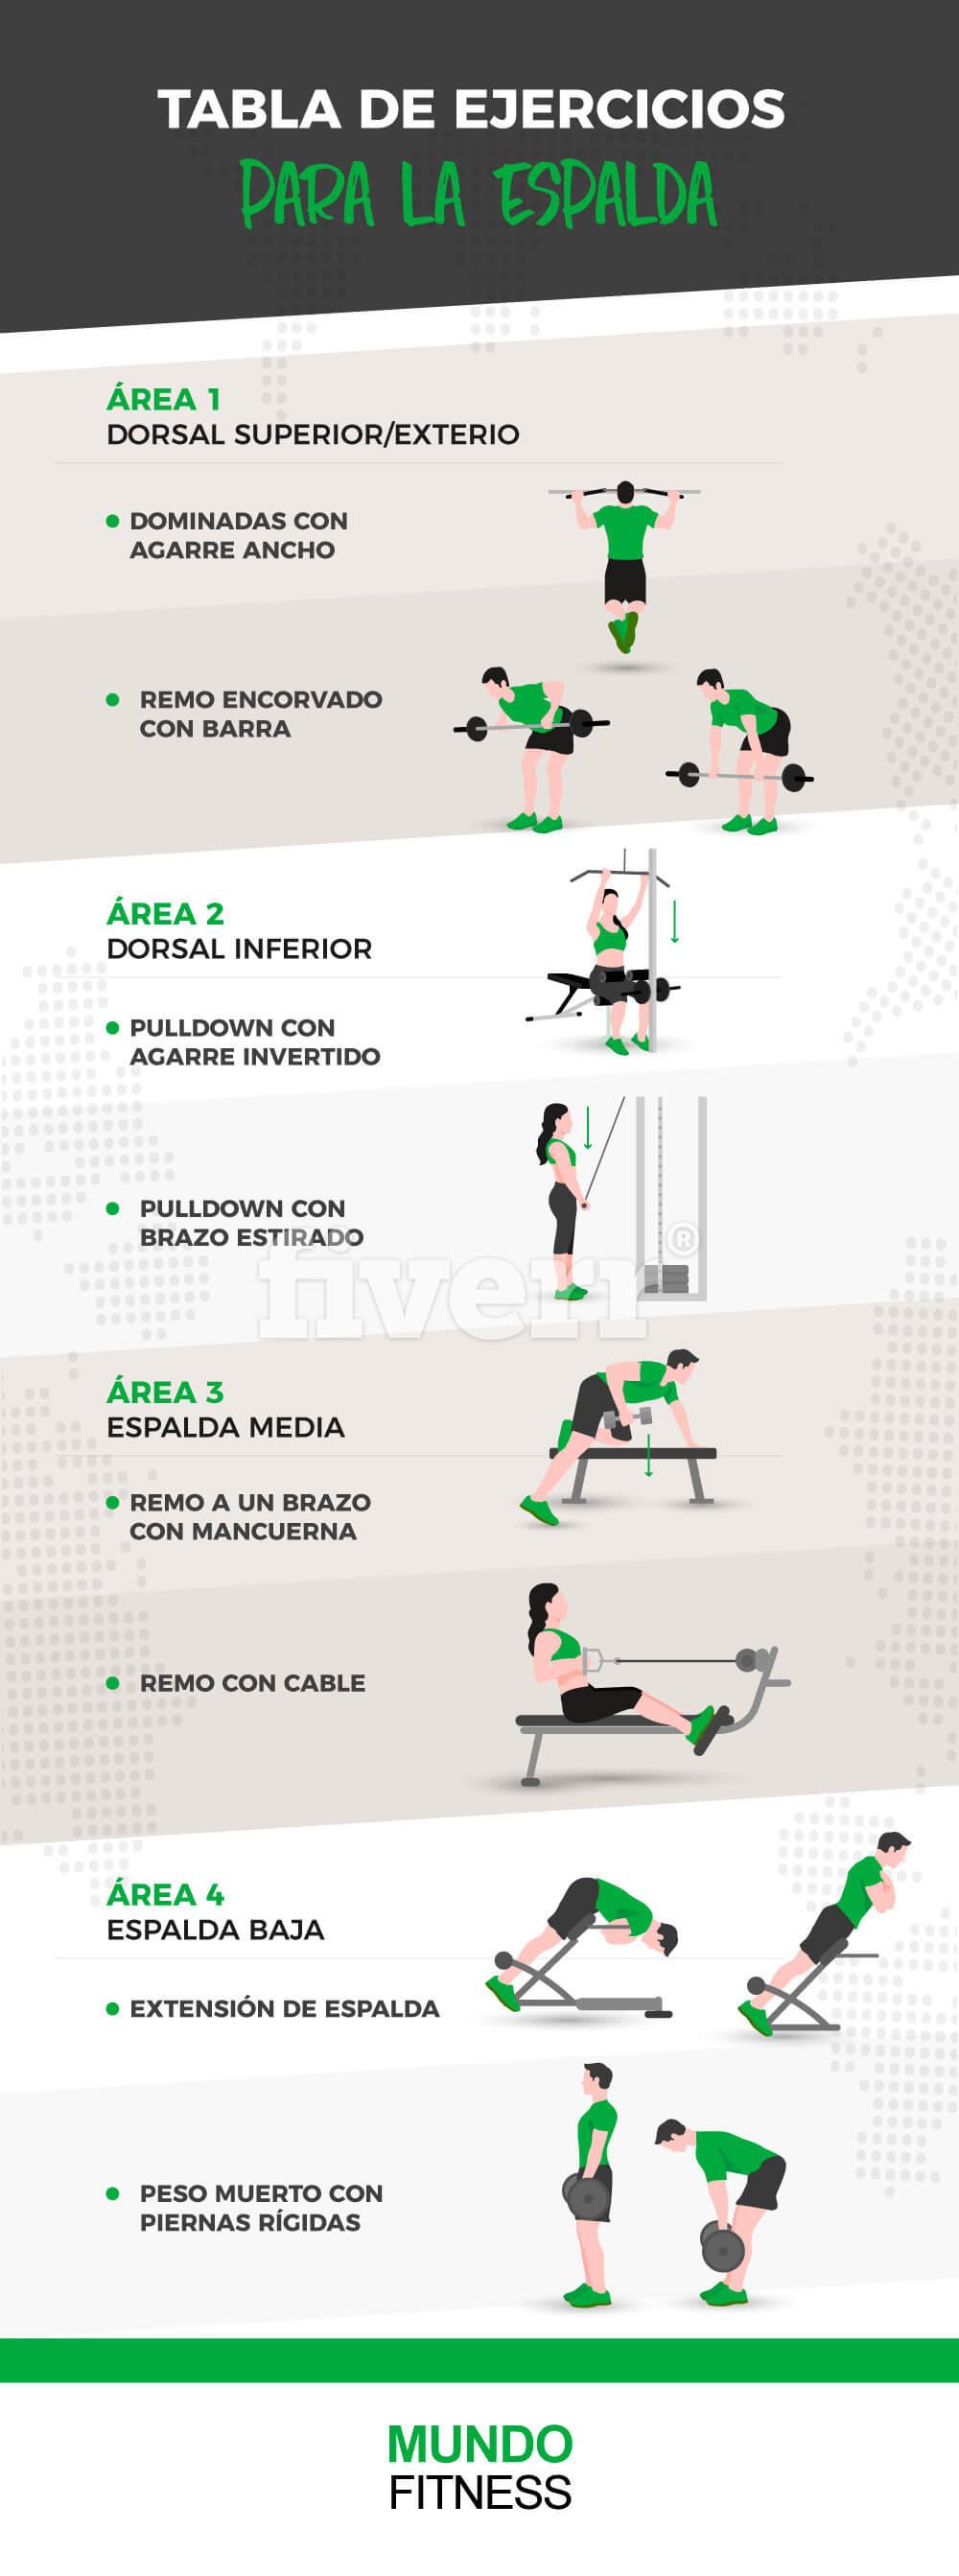 ejercicios-para-la-espalda-infografia